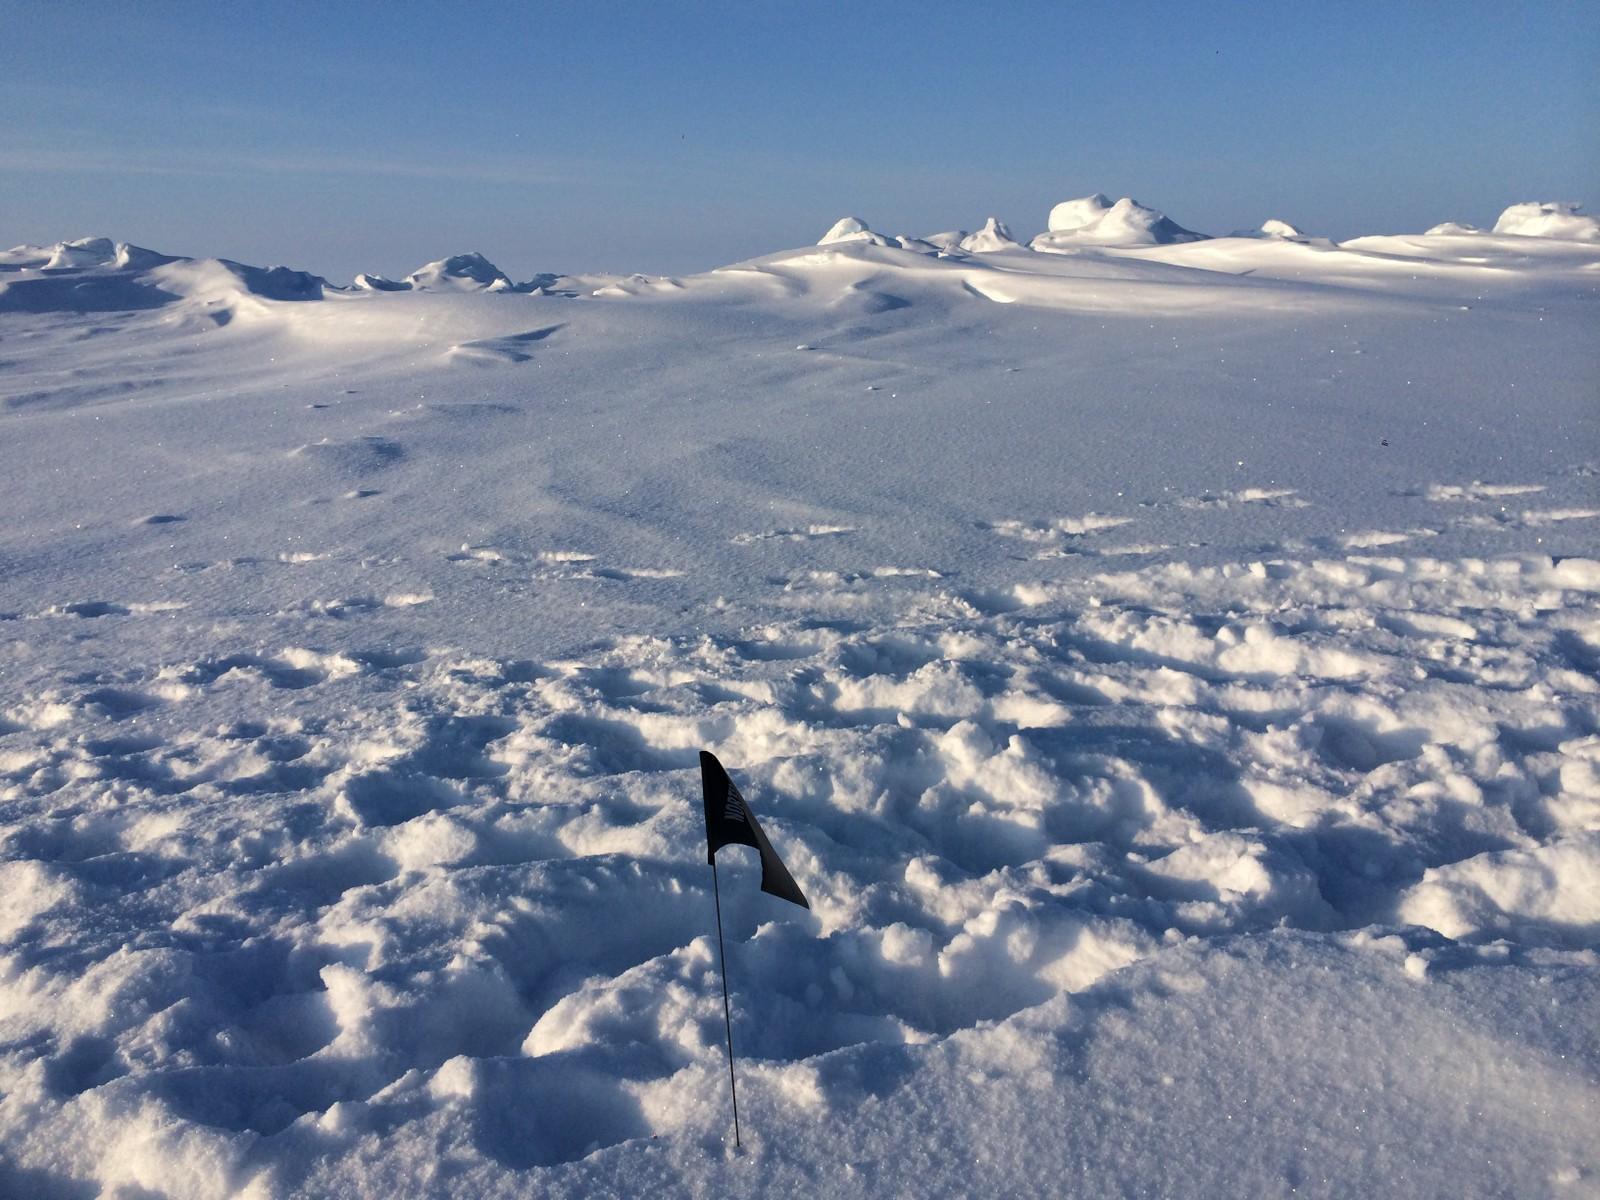 Lise forteller at det er umulig å holde maraton på den ekstakte geografiske Nordpolen fordi det er på drivis. Men dette bildet er tatt på den geografiske Nordpolen.